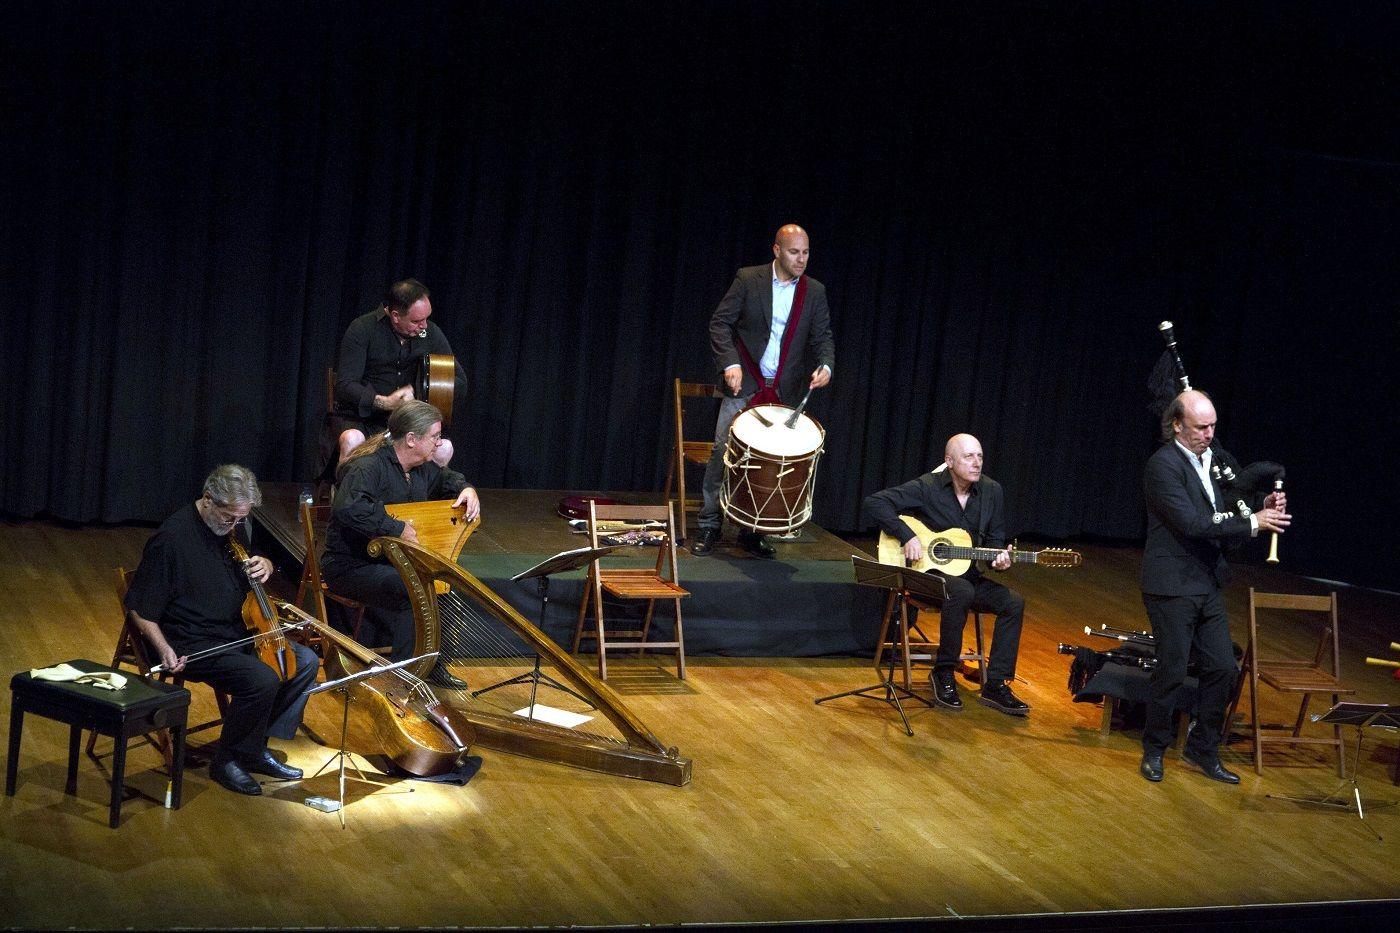 Imagen de uno de los conciertos del año pasado. Foto: DPH.